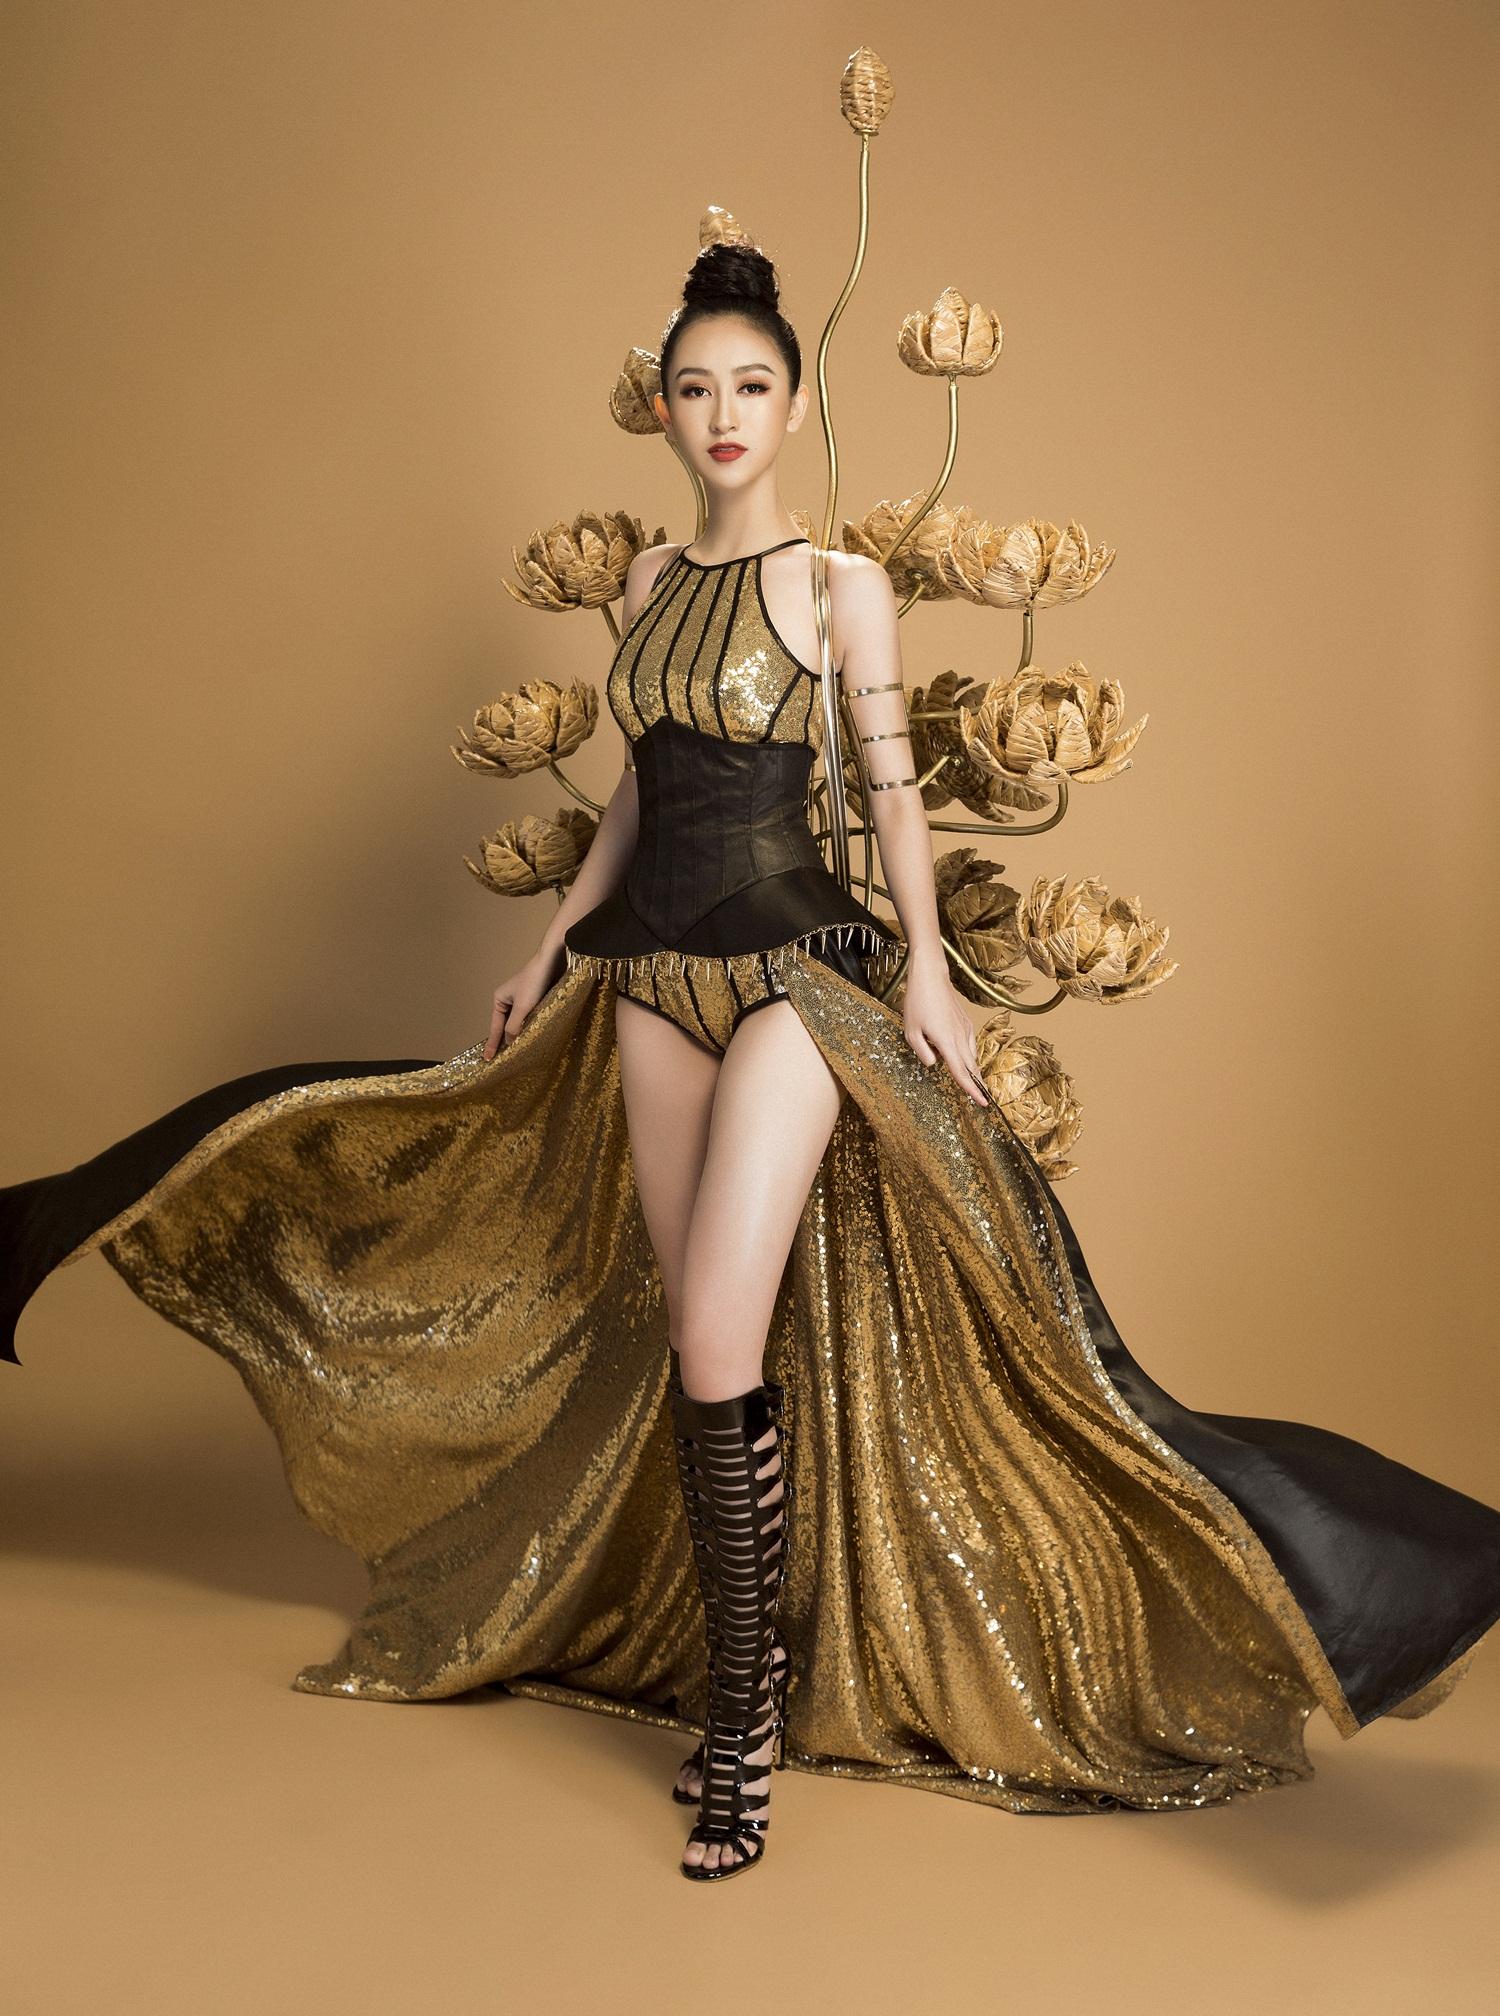 Không phải Áo dài, đây mới là trang phục truyền thống mà Hà Thu lựa chọn để tranh tài tại Miss Earth 2017 - Ảnh 8.